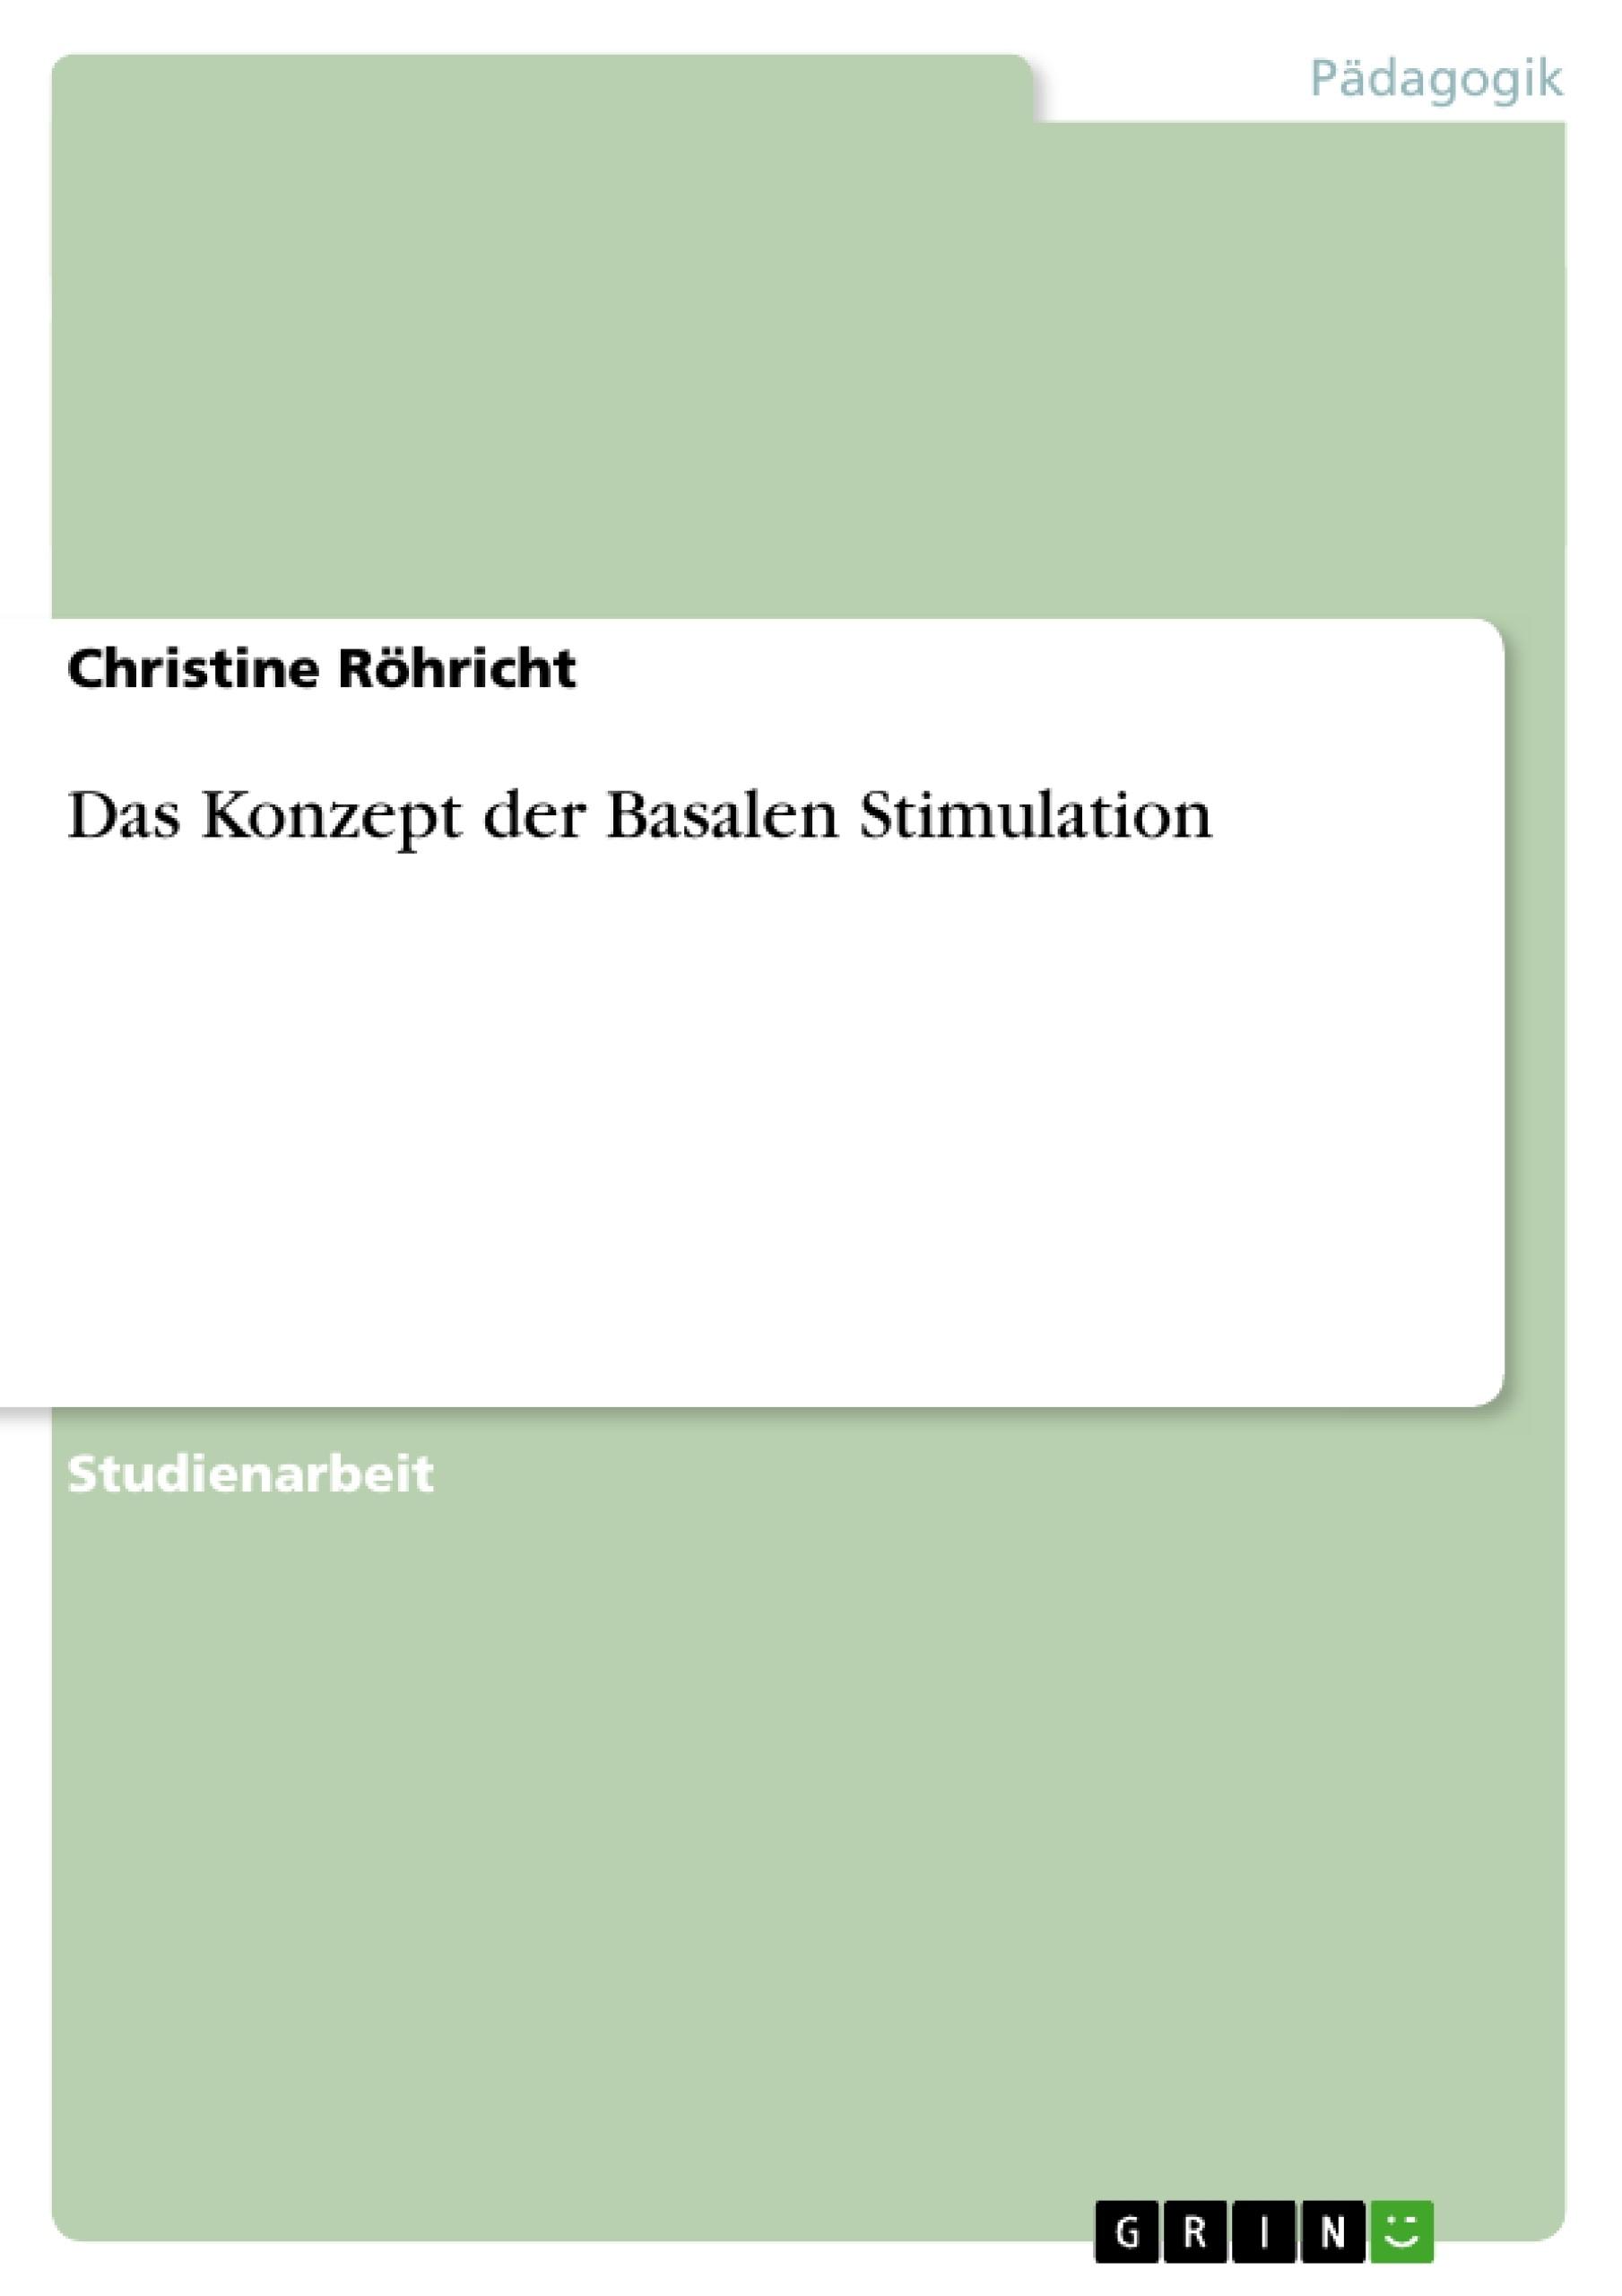 Titel: Das Konzept der Basalen Stimulation